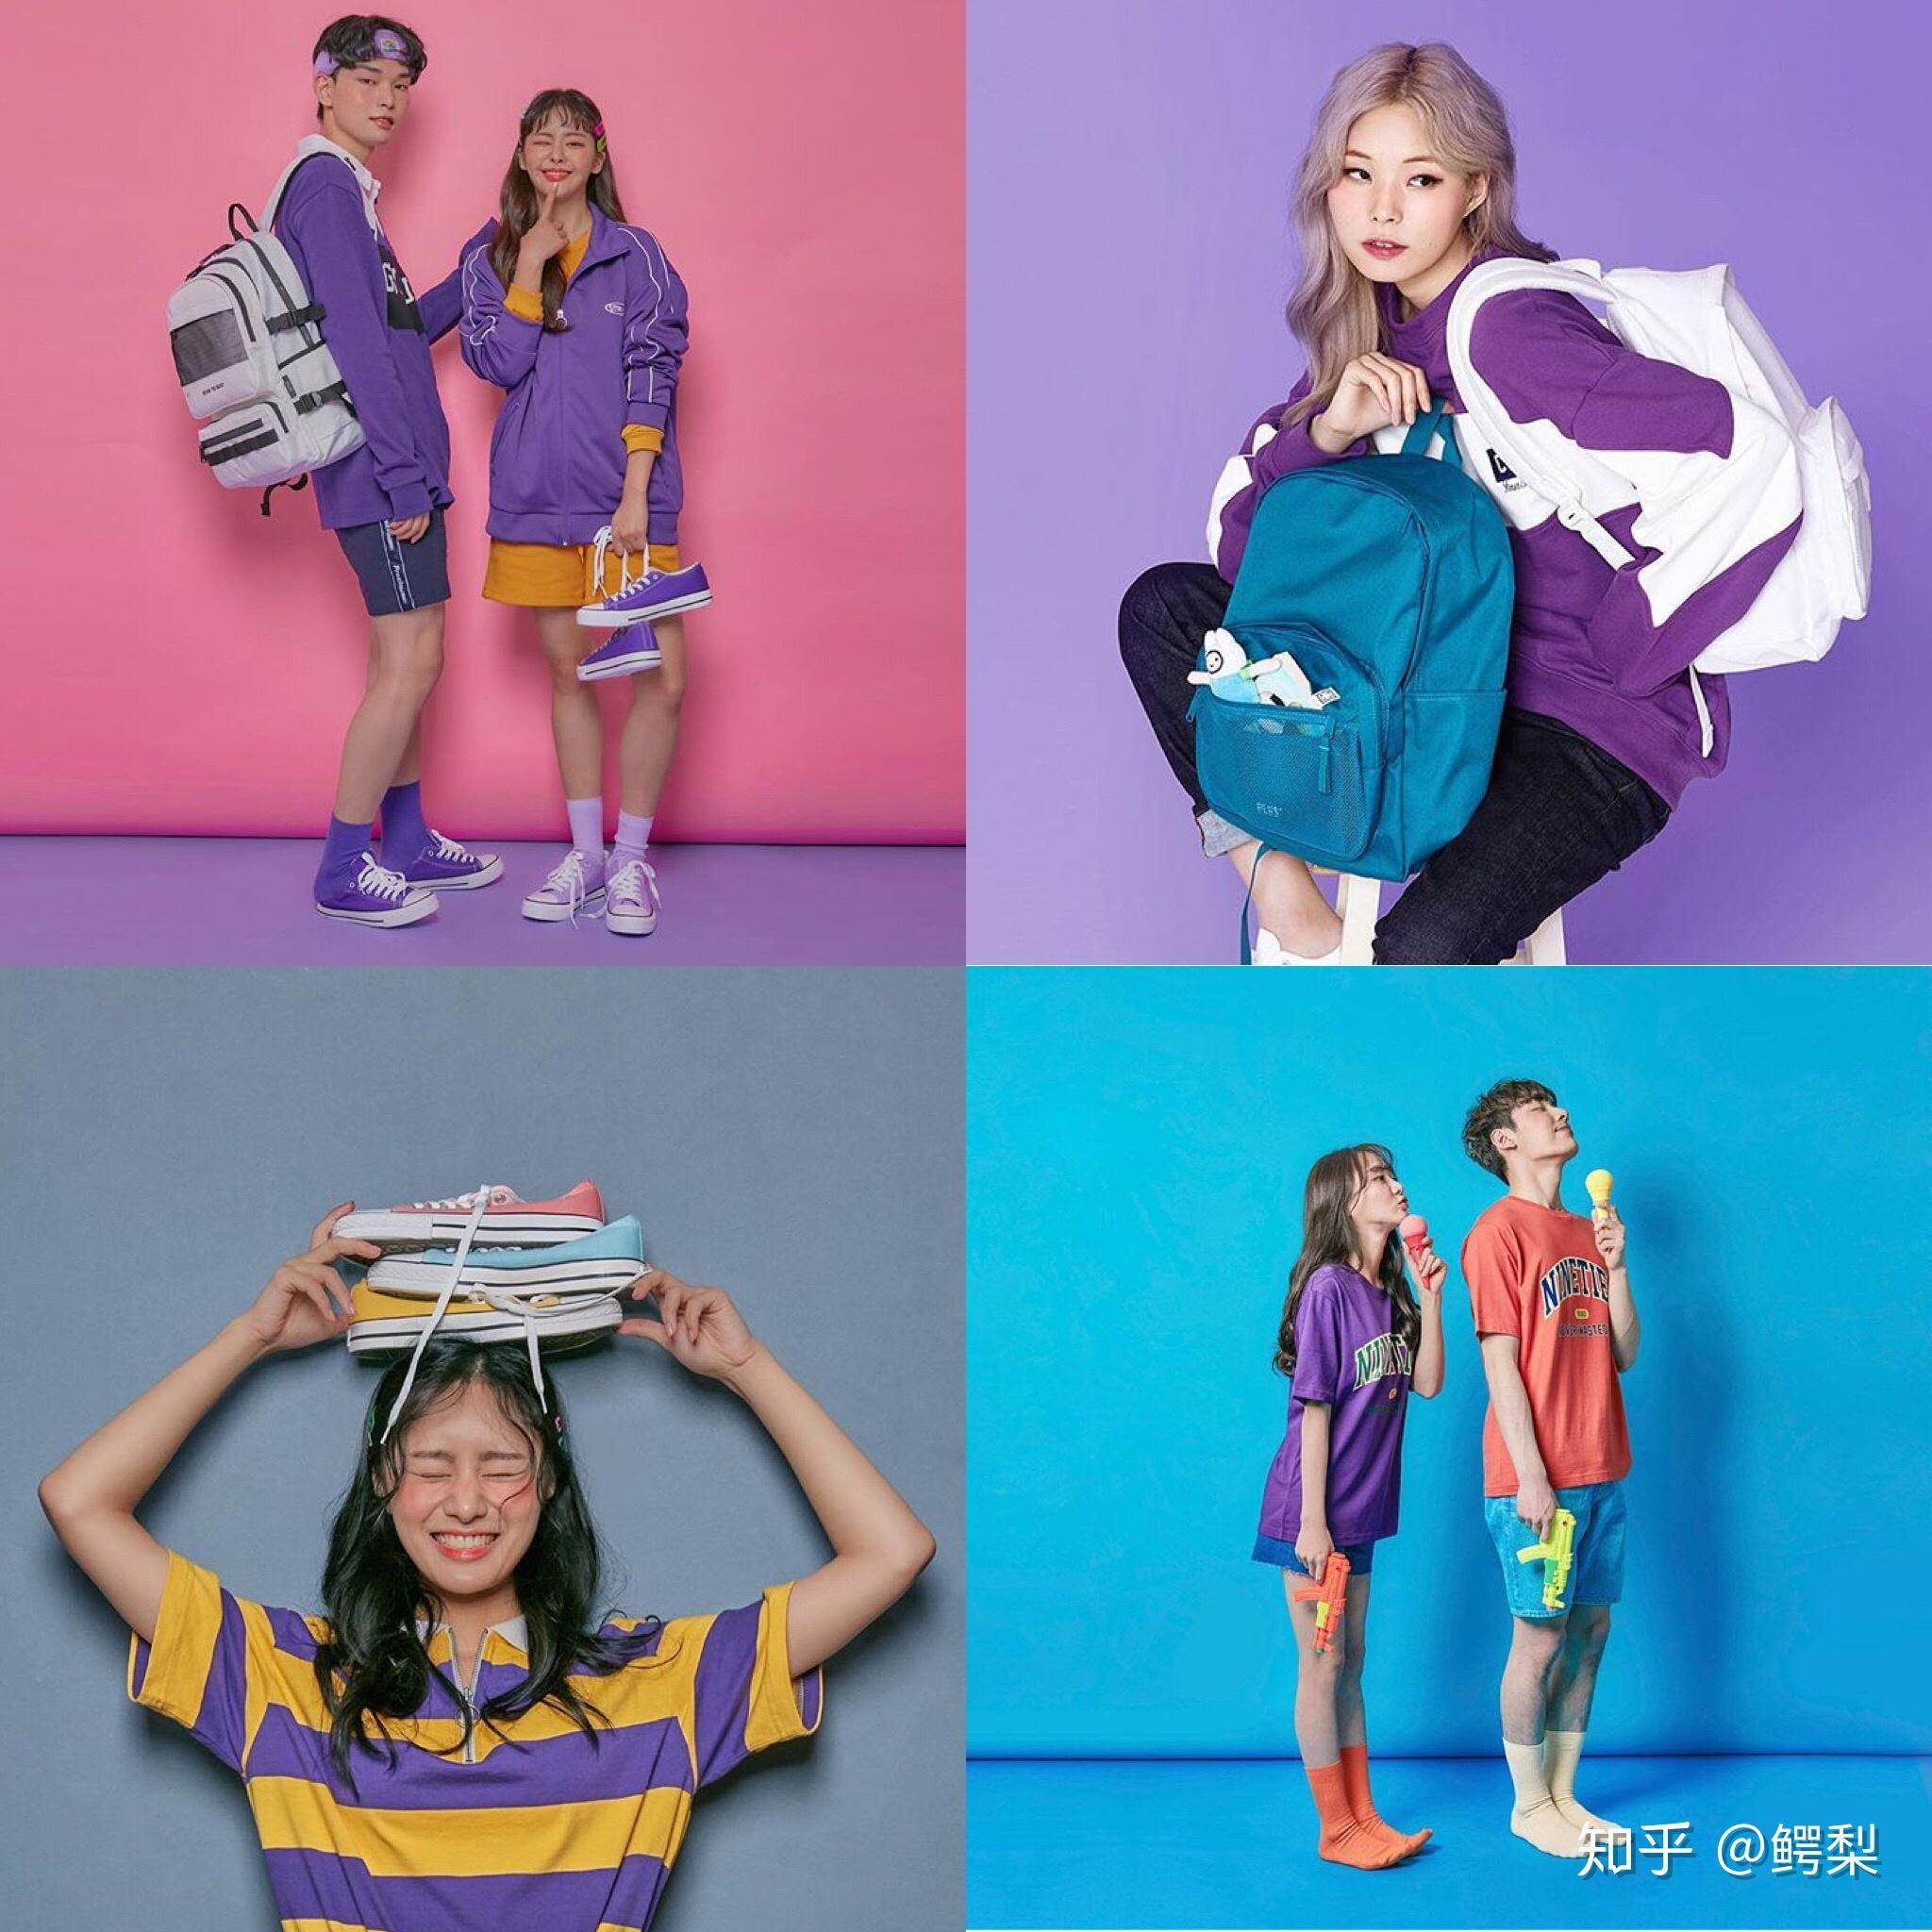 韩国卫衣品牌有哪些_适合学生平价又好看的服装品牌有哪些? - 知乎